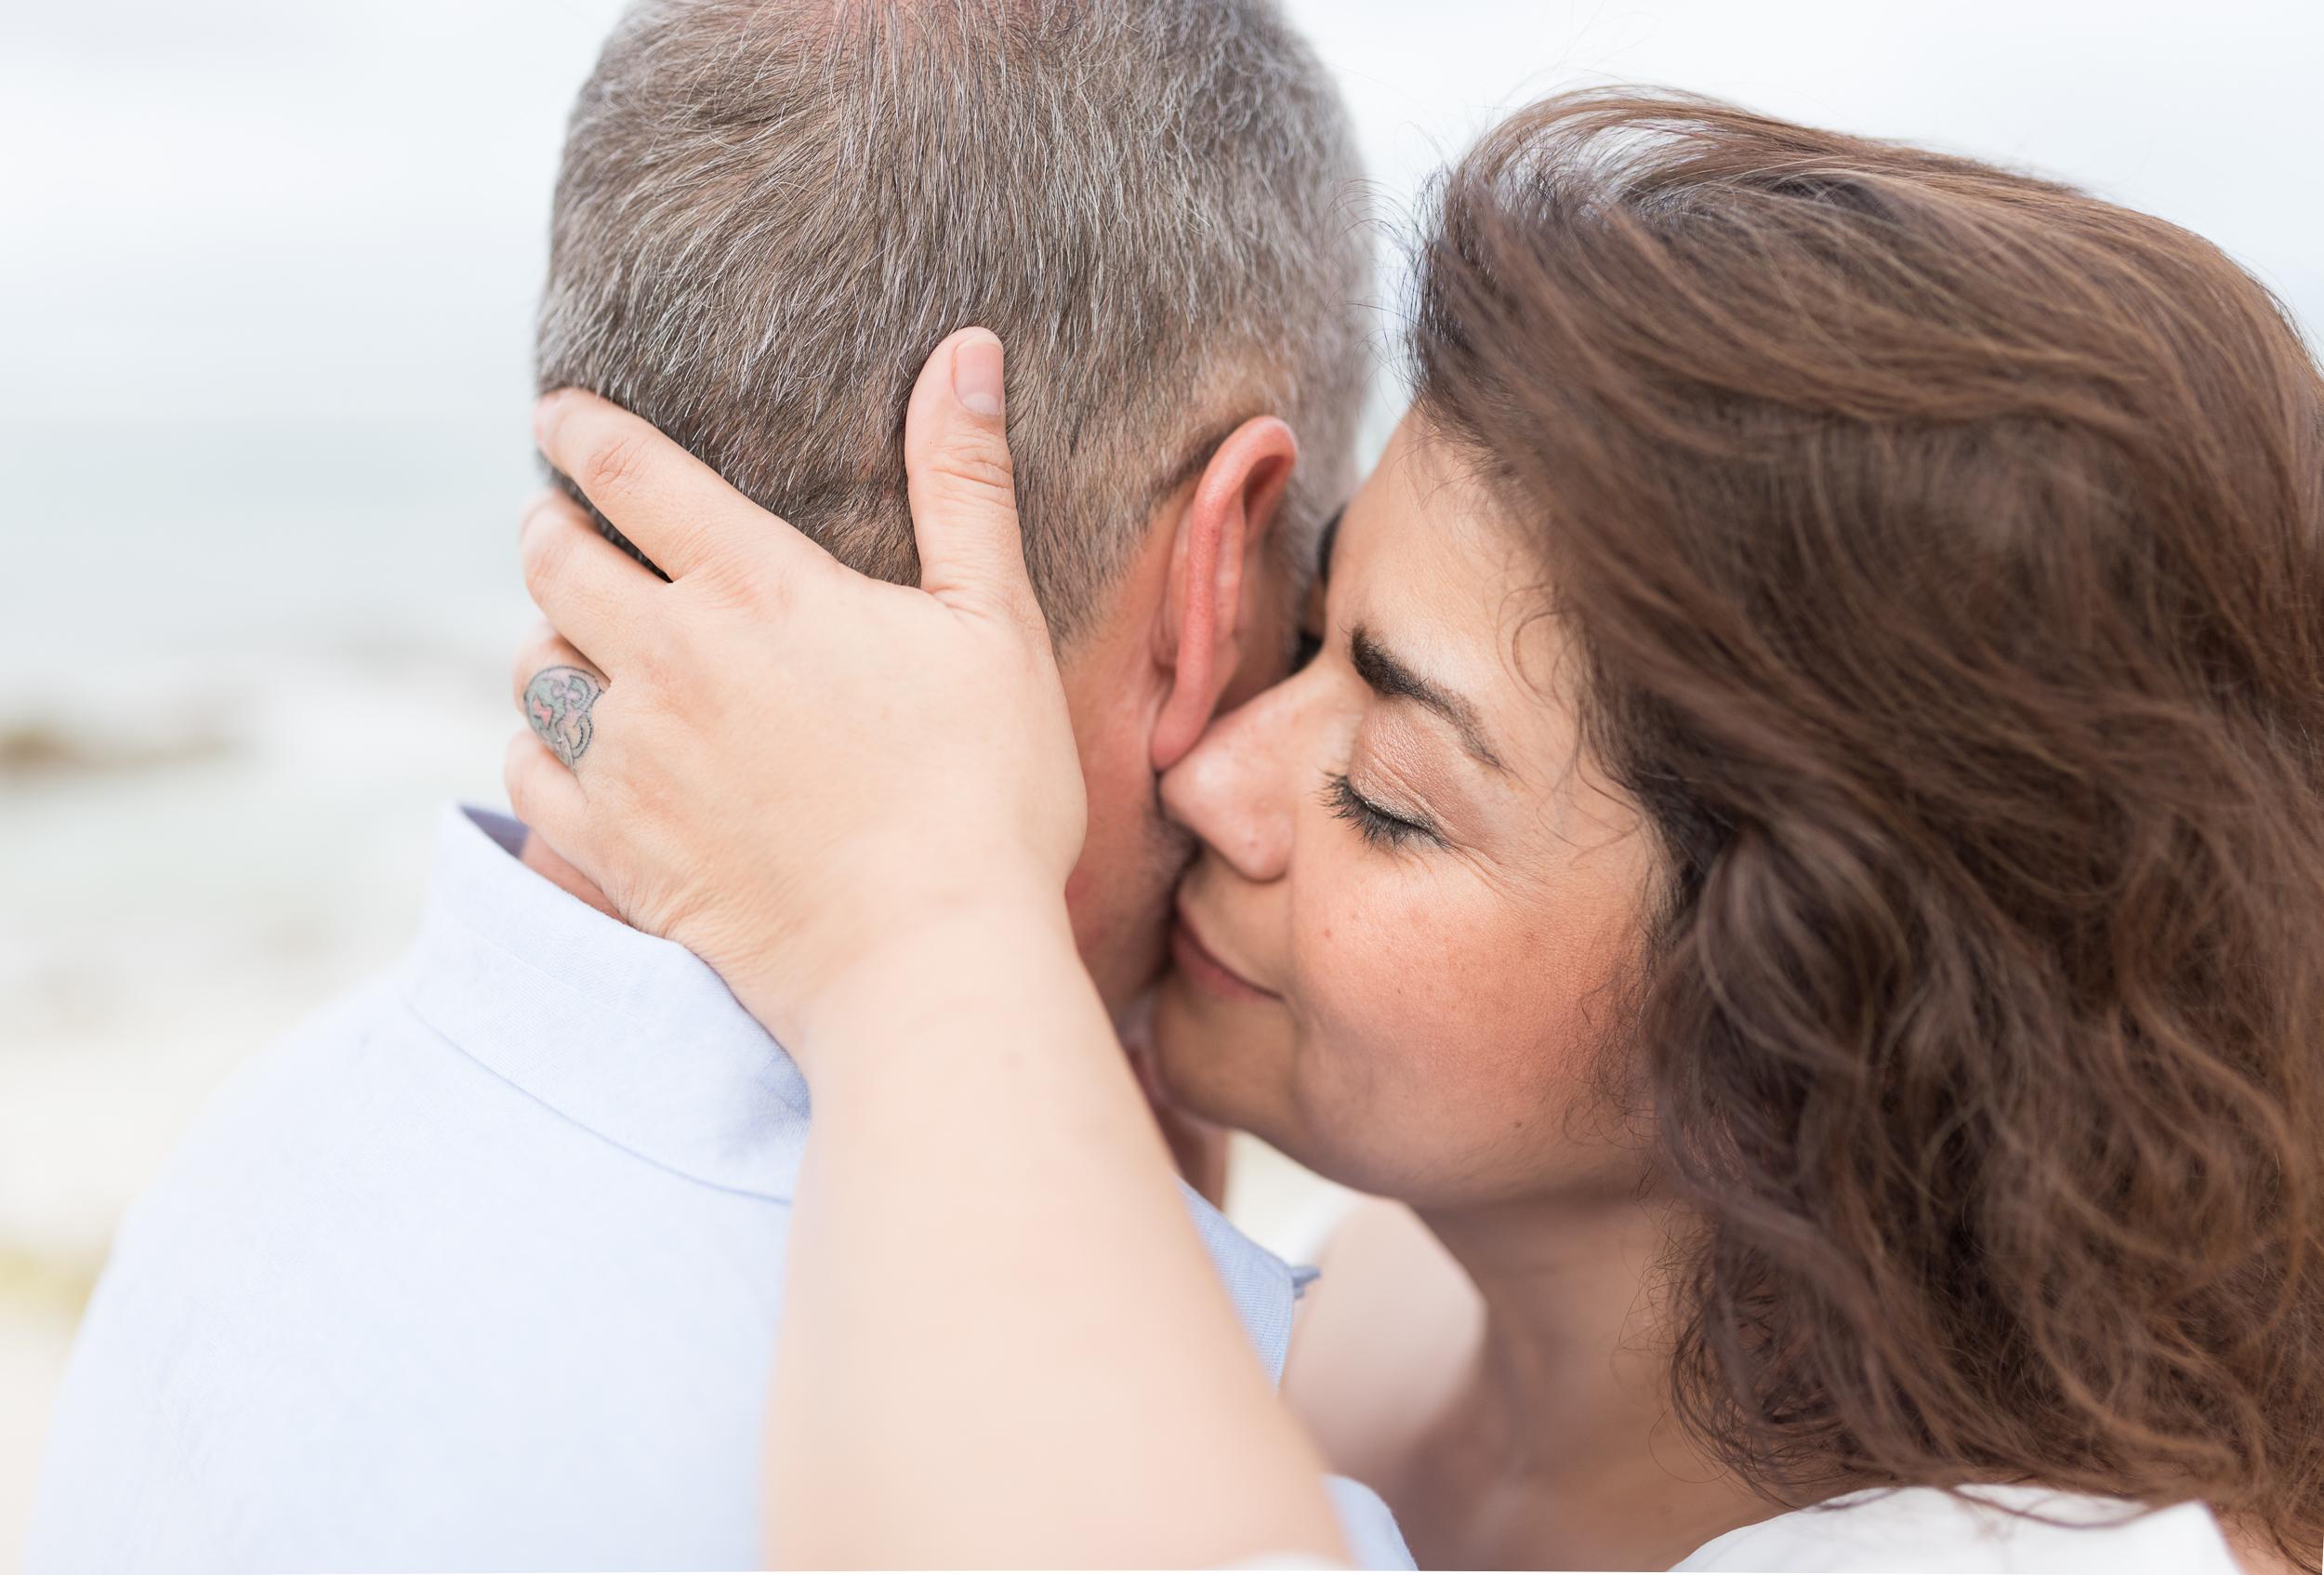 CouplesSessionTaragueGuamPhotographer-ROXANNEAUGUSTA-22.jpg